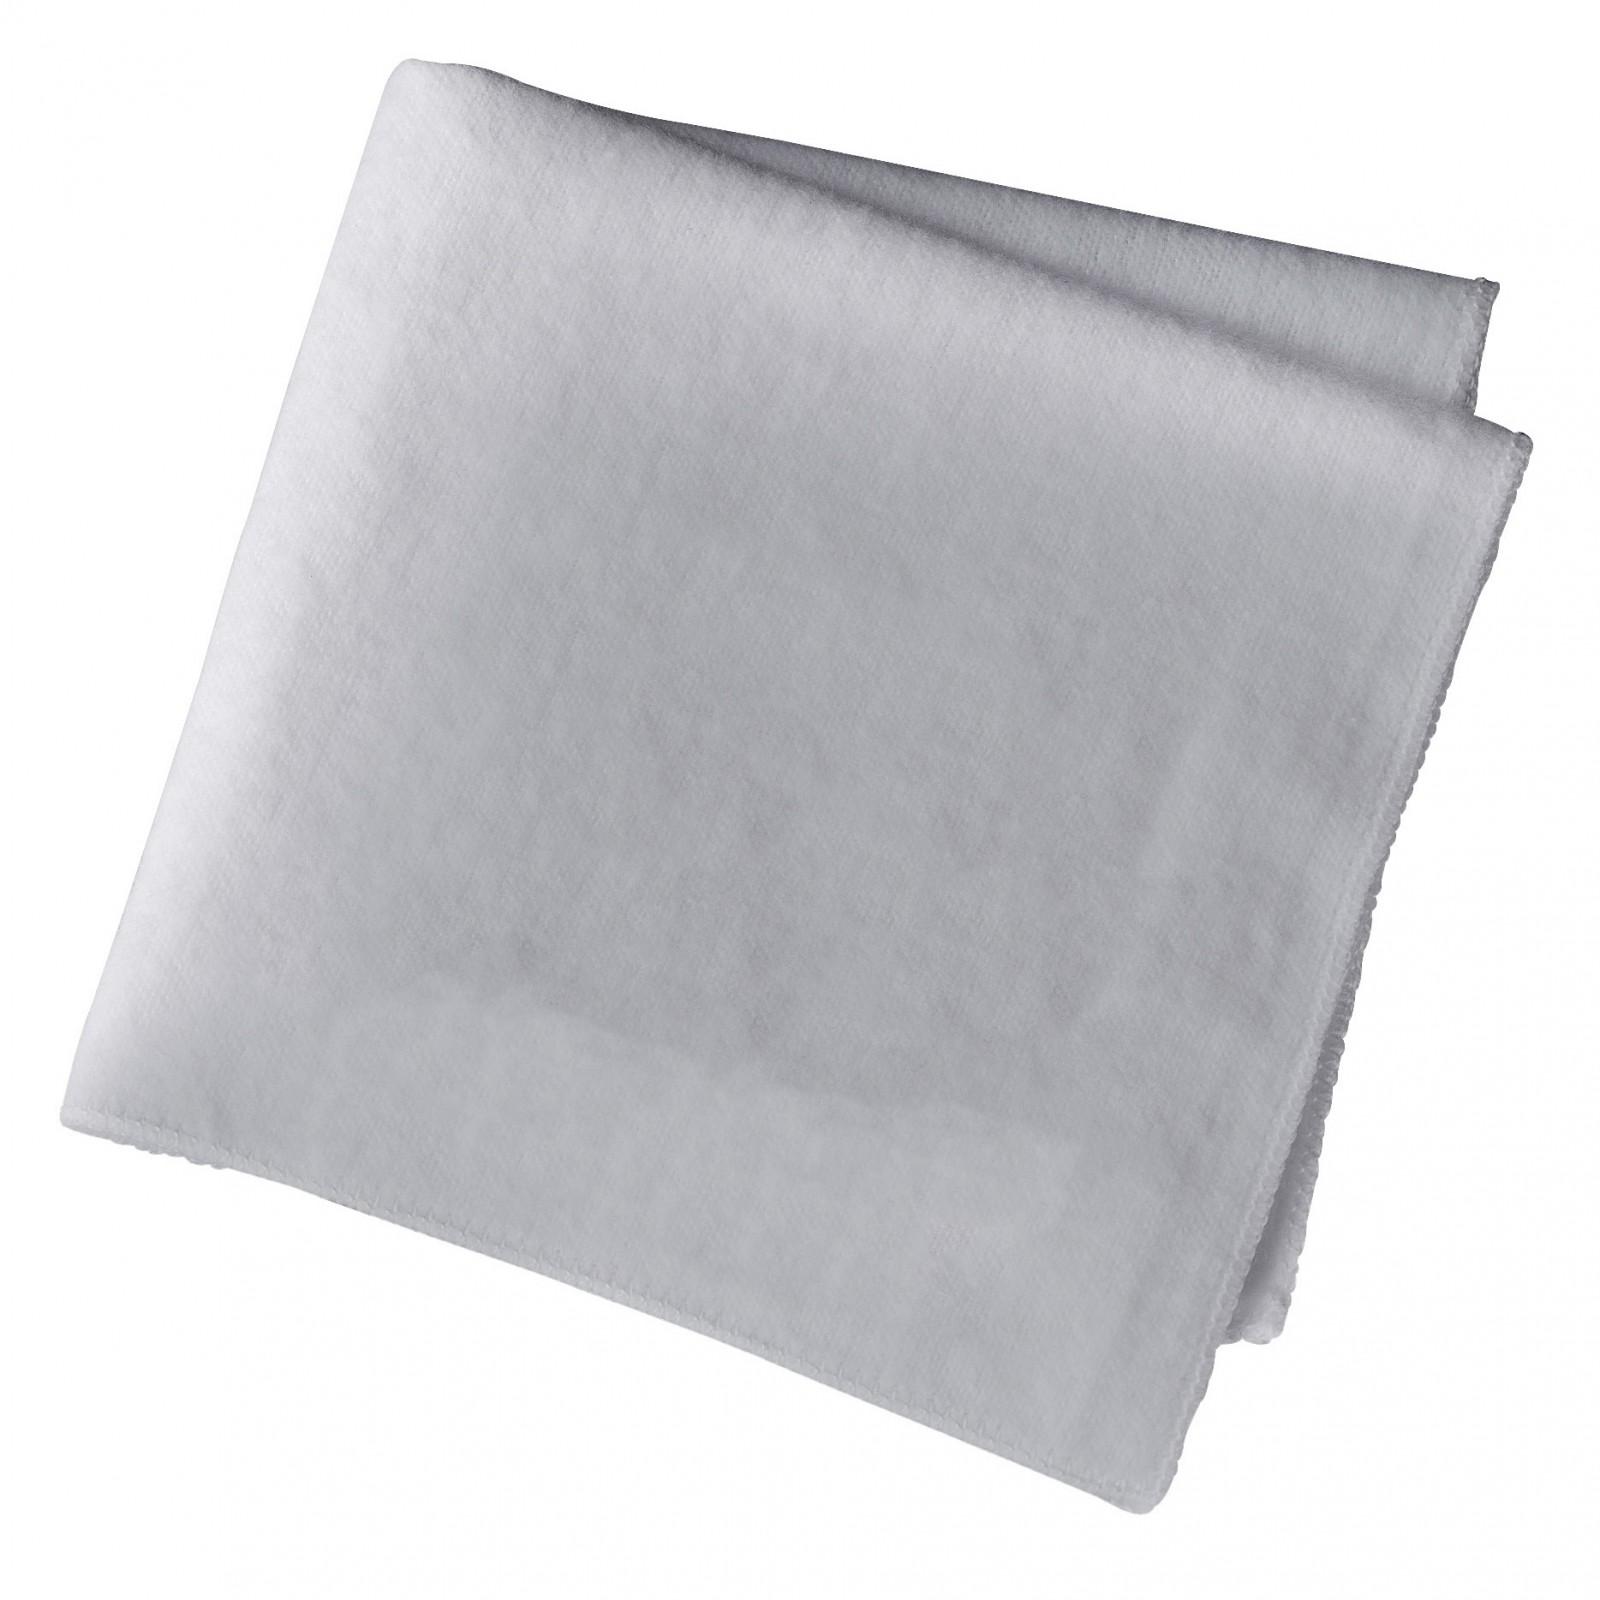 My Bag Polishing & Applicator Cloth